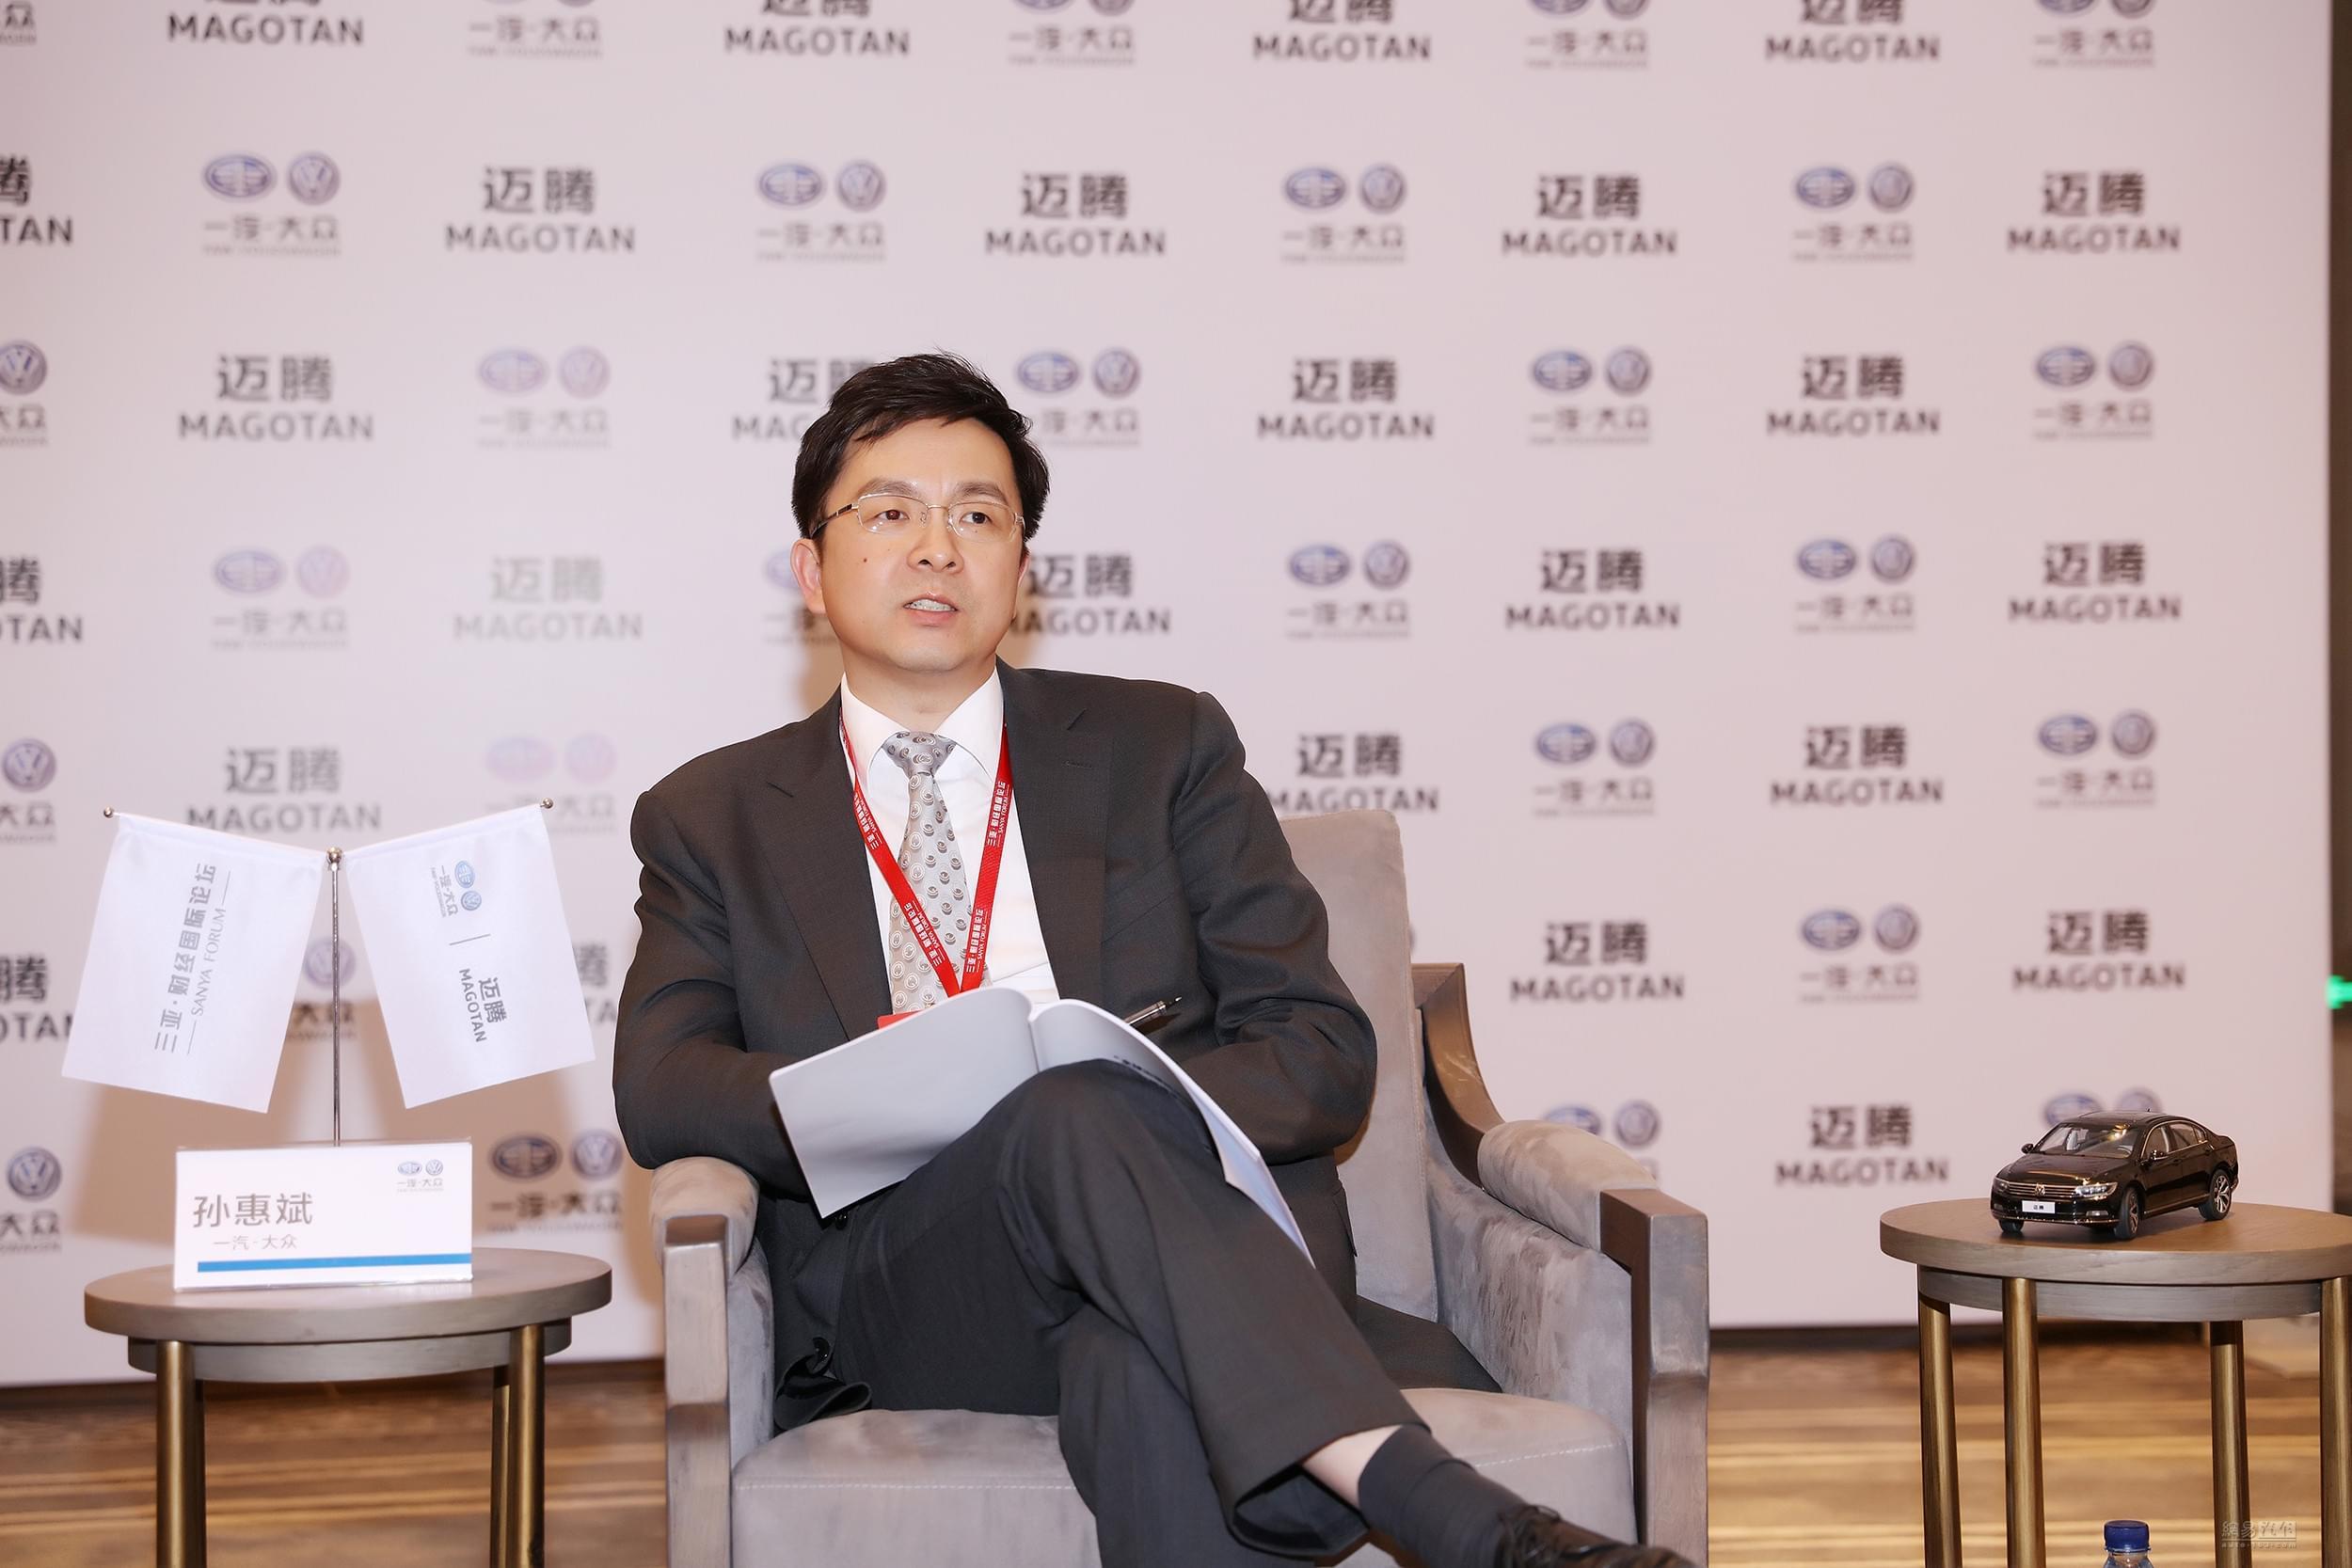 孙惠斌:2018年将是一汽-大众产品大年